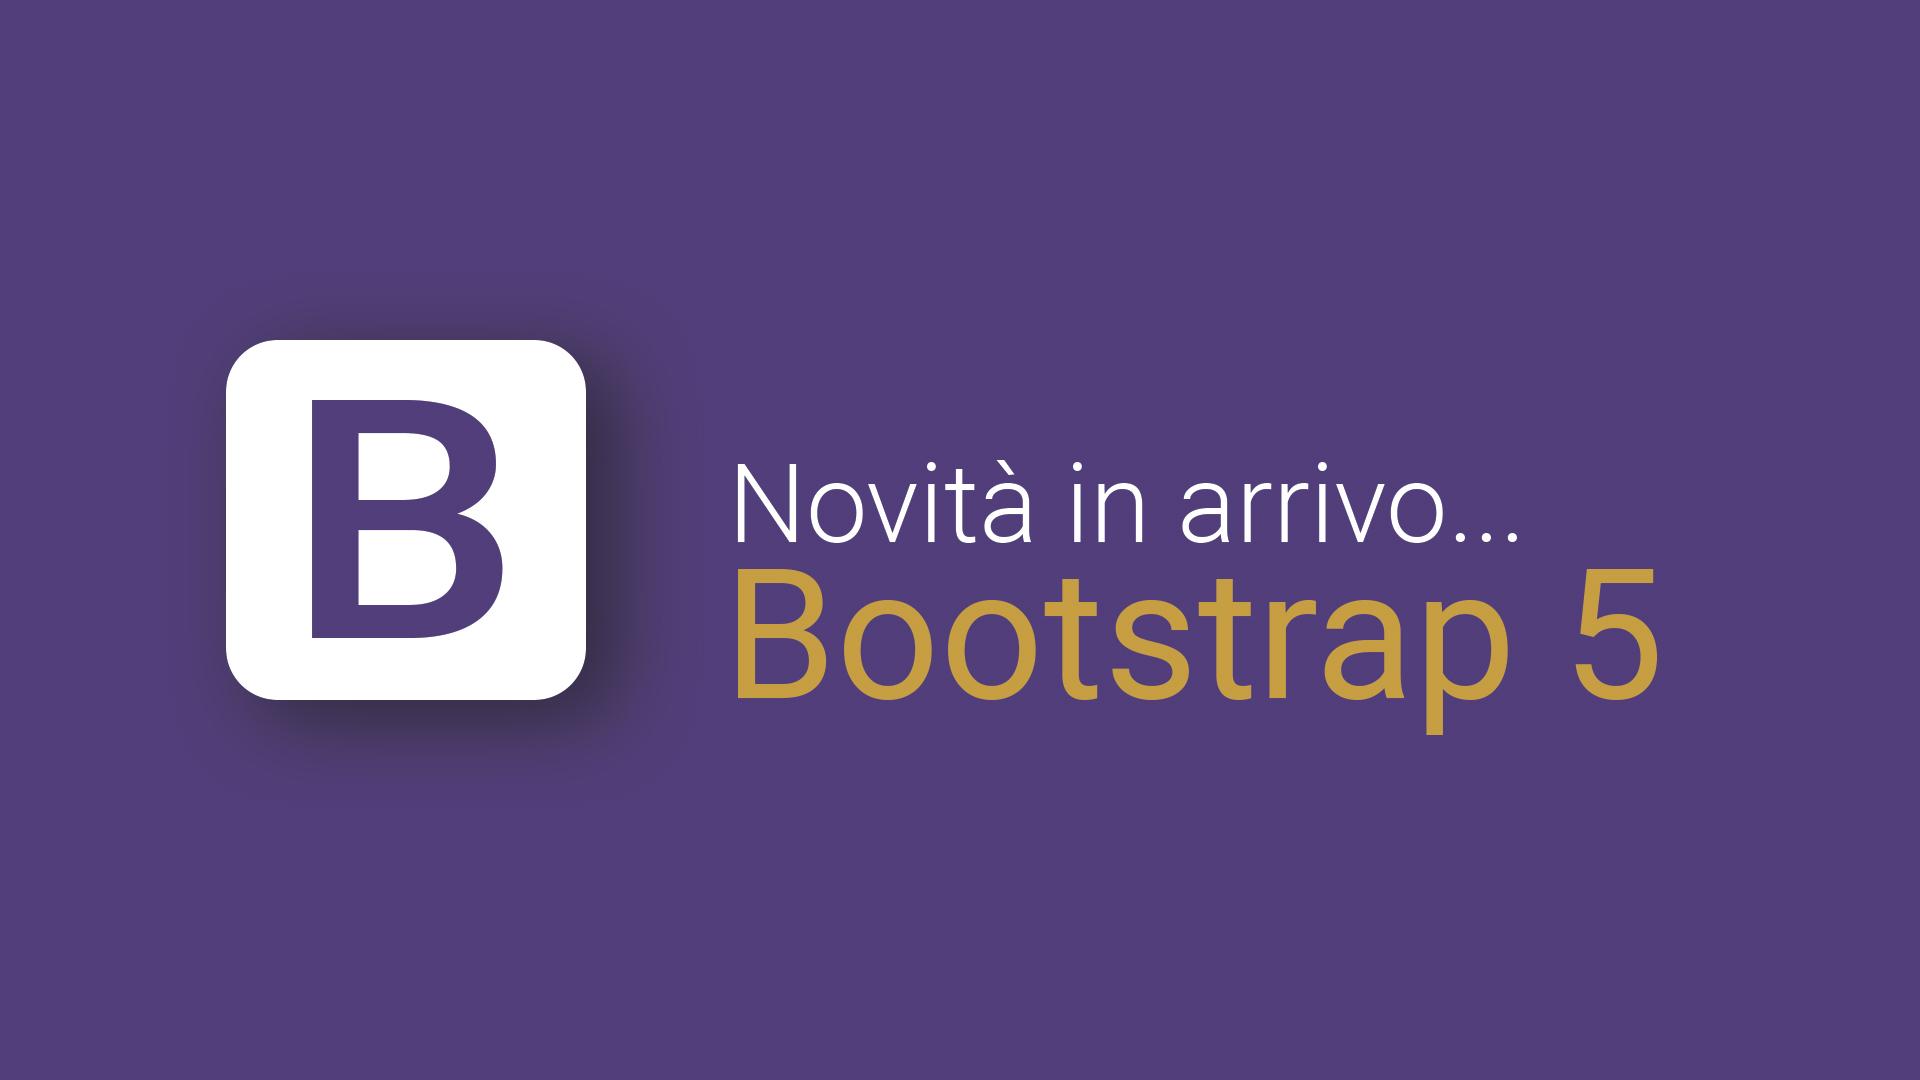 Bootstrap 5 - Novità in arrivo